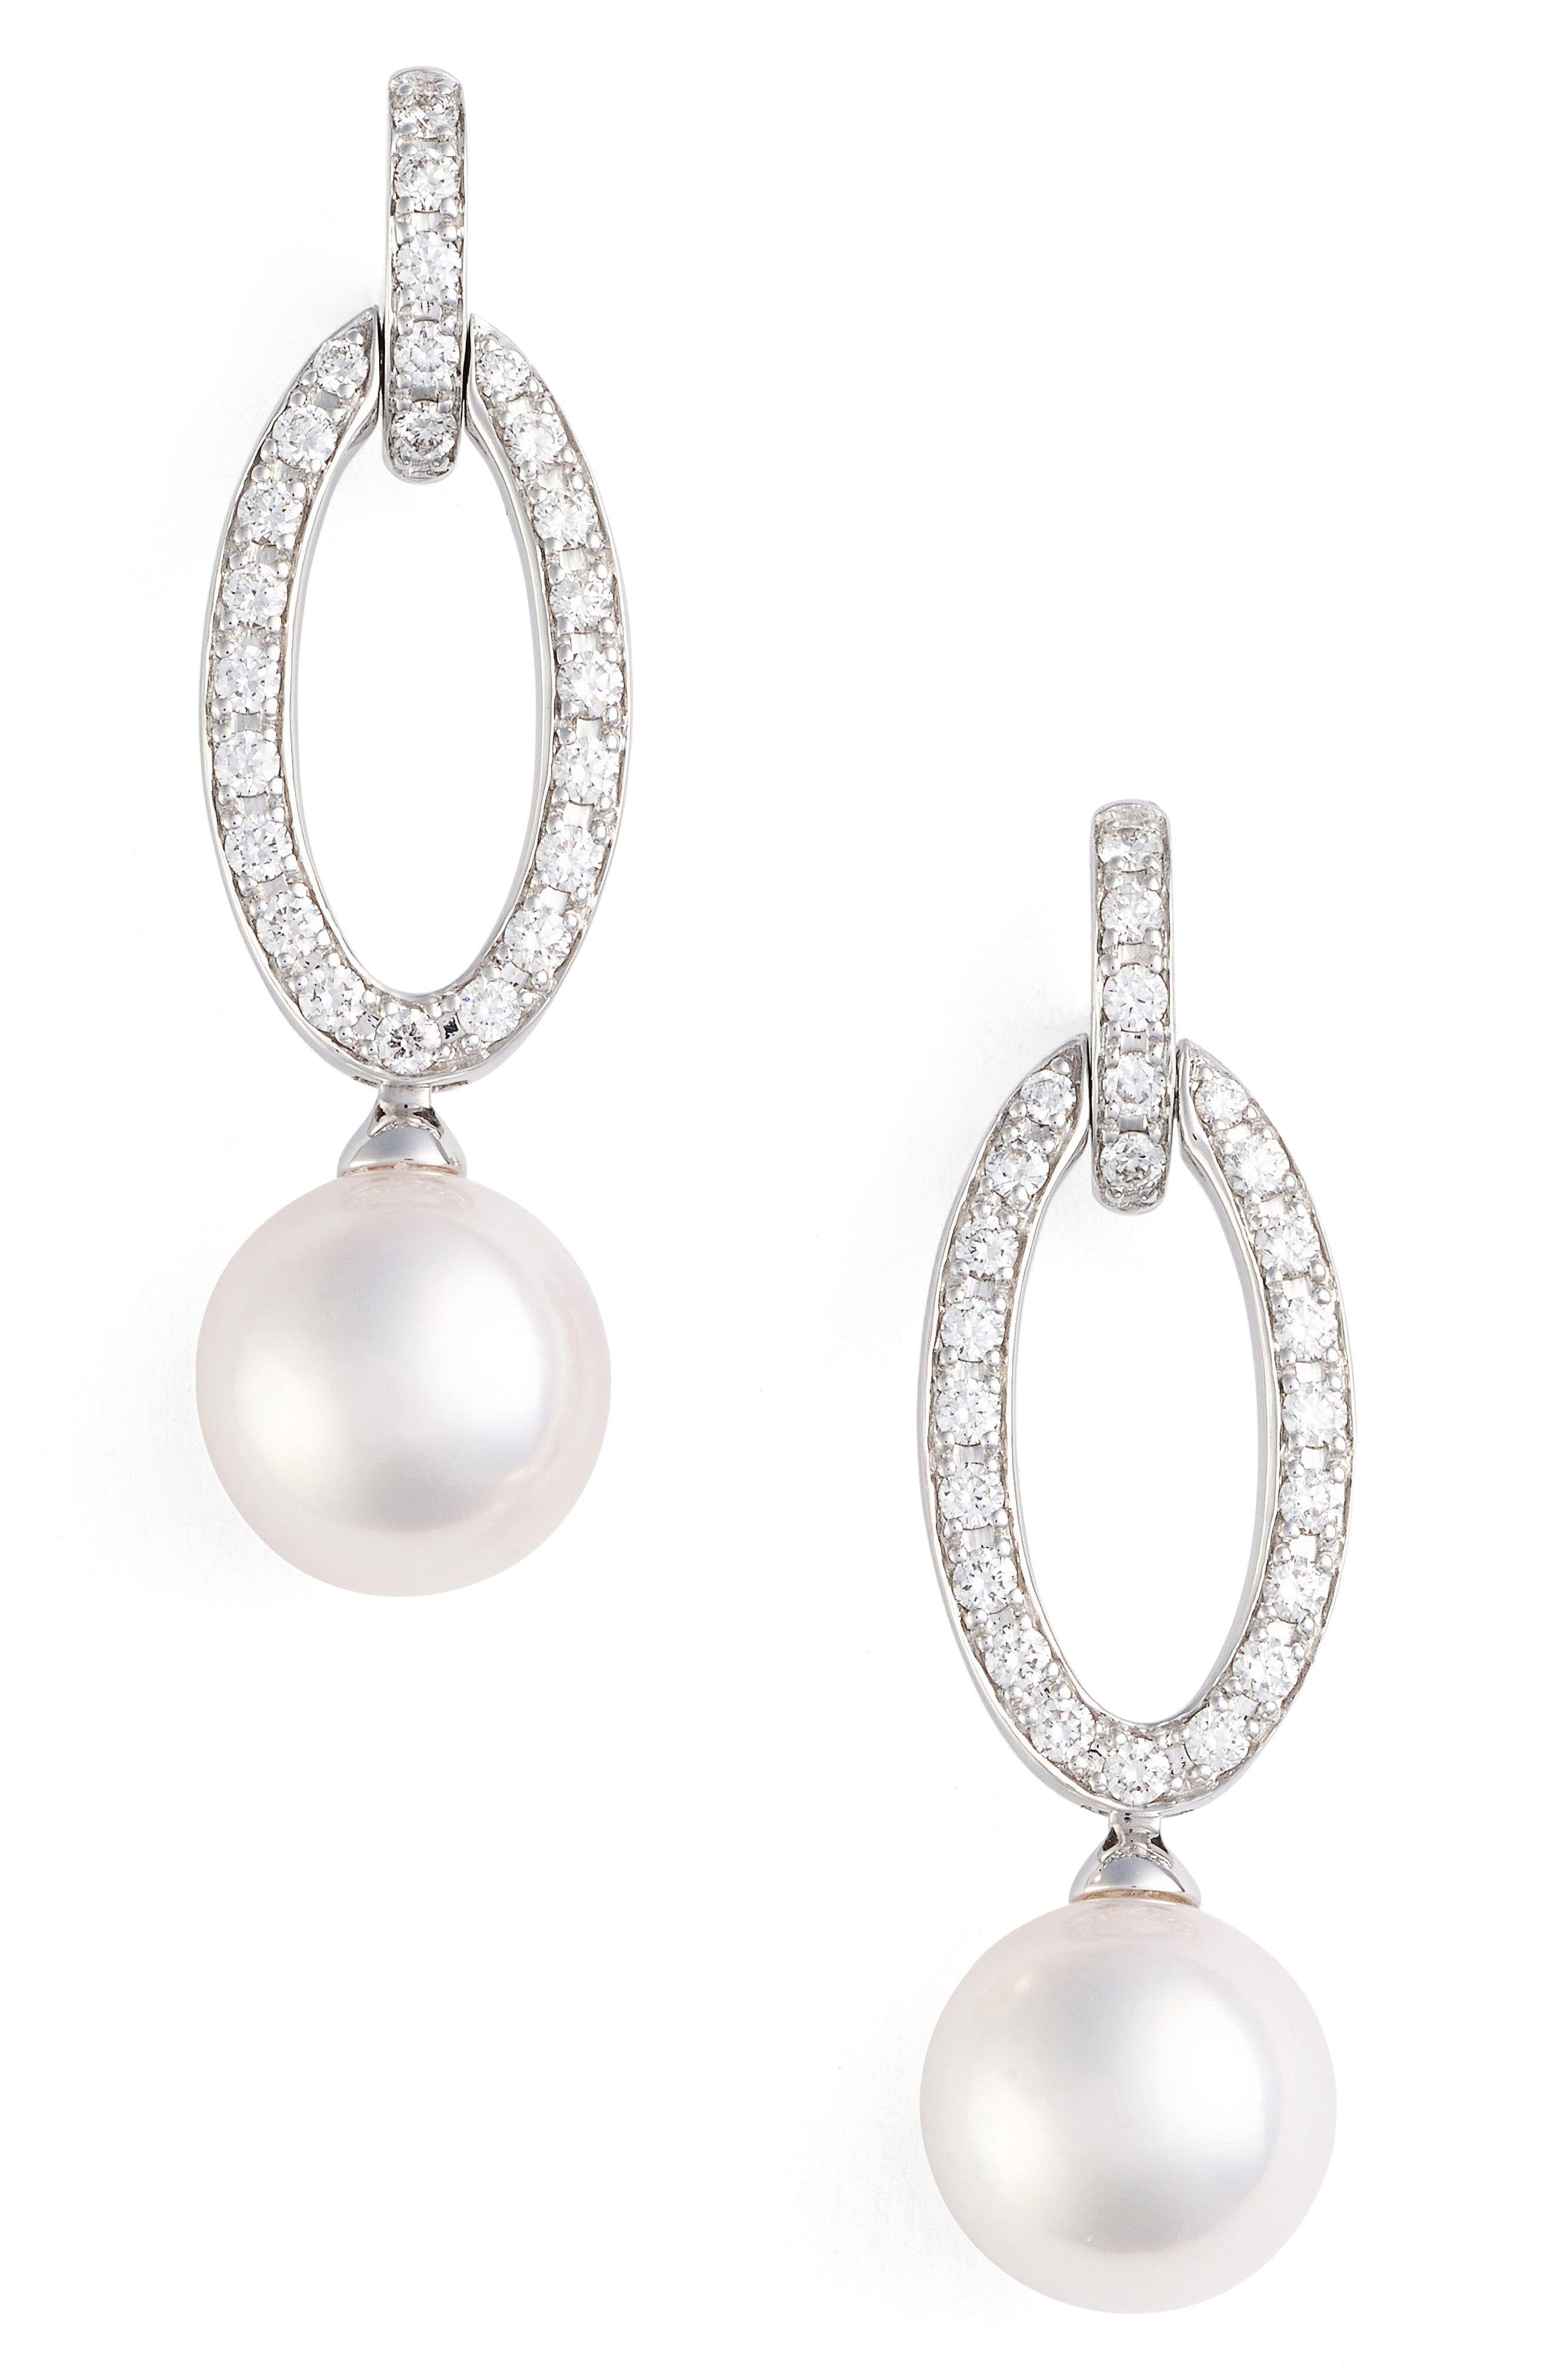 c7d93d7b0 Women's Mikimoto Diamond & Pearl Drop Earrings | Products in 2019 ...